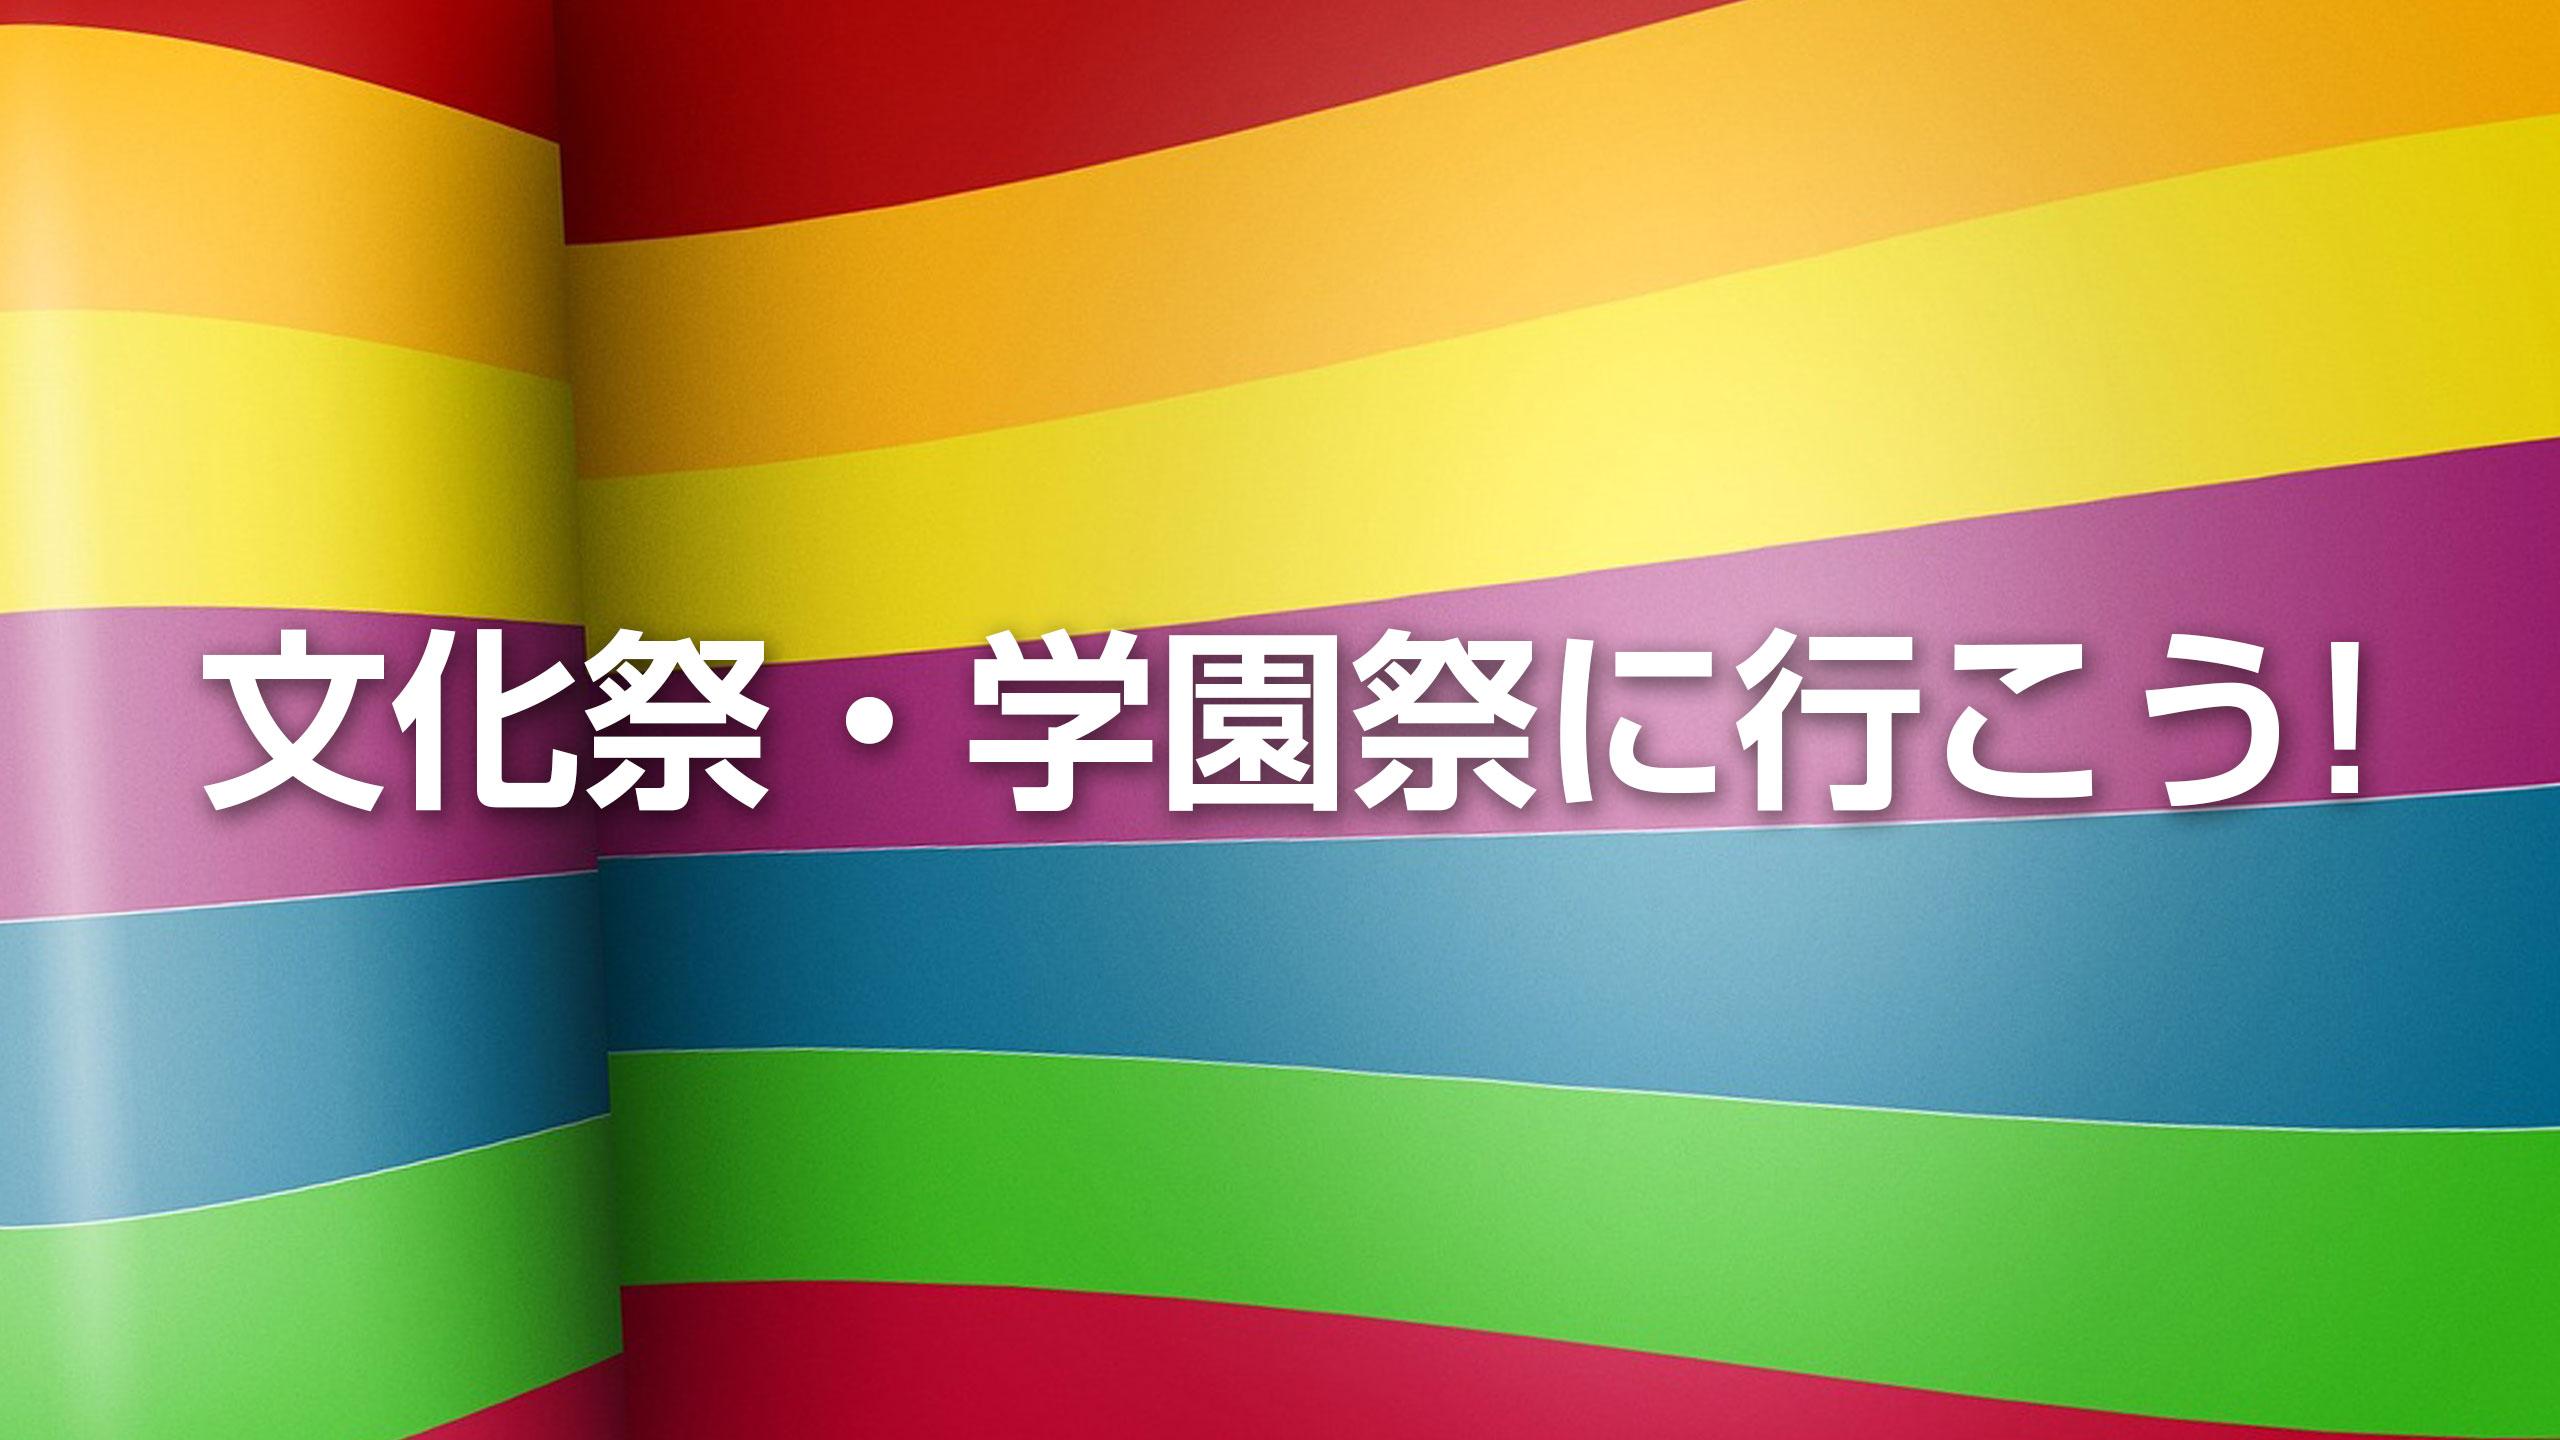 学 祭 2019 関学